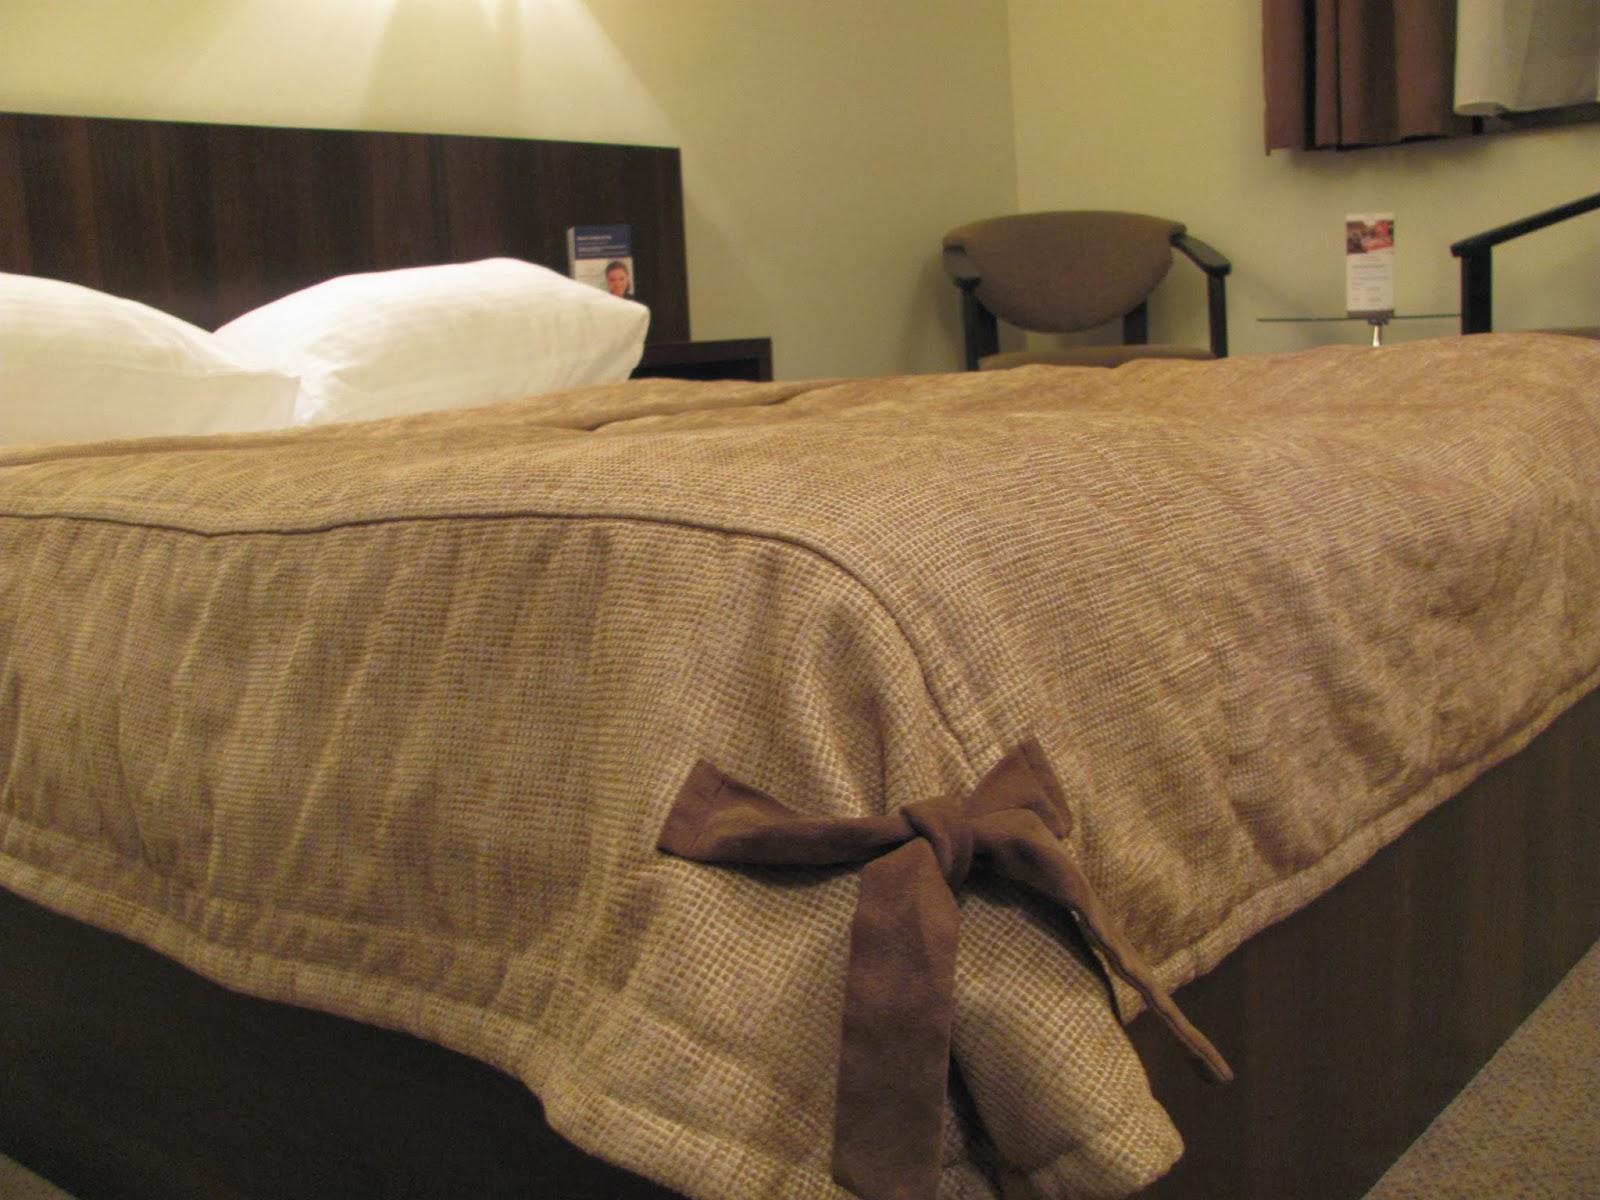 ночлег, гостиница, отель, Польша, гостиница Диамант, номер в гостинице диамант